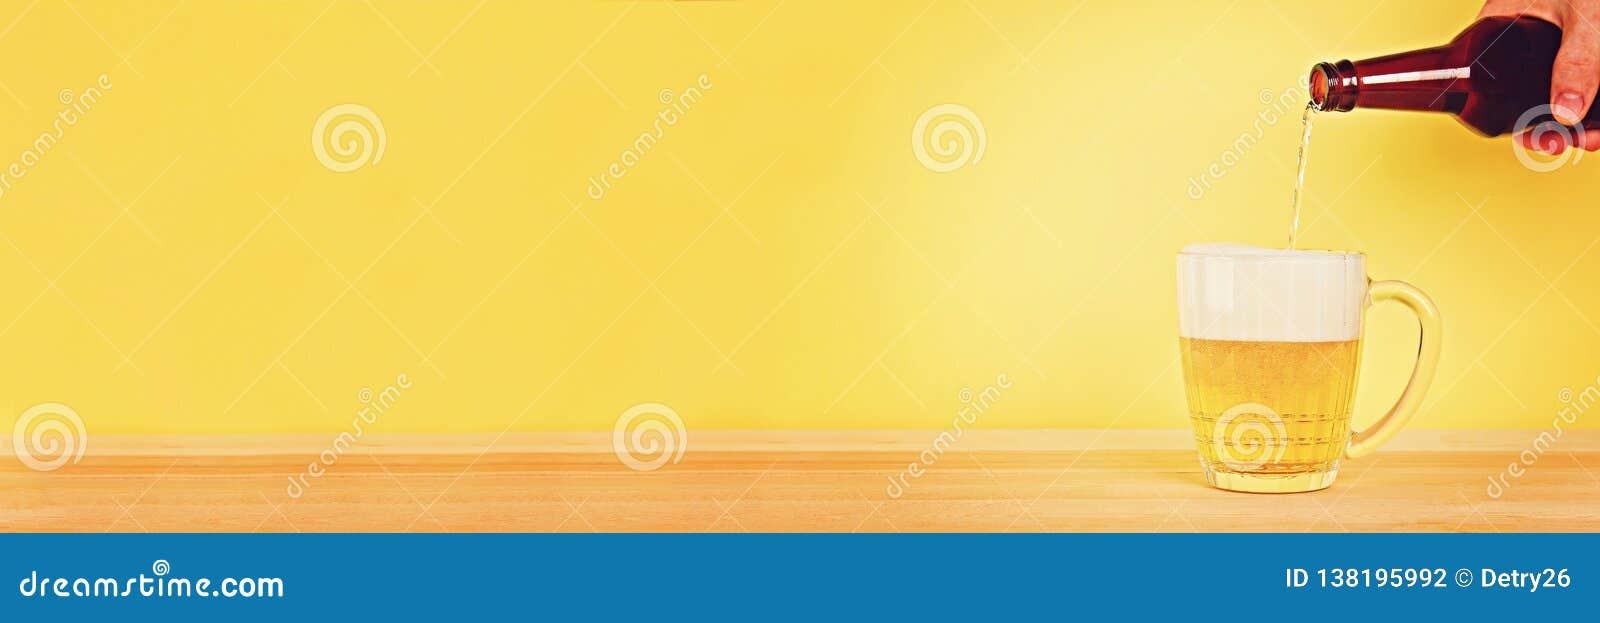 Um homem derrama a cerveja em uma caneca de uma garrafa em um fundo amarelo em uma tabela de madeira Copie o espaço